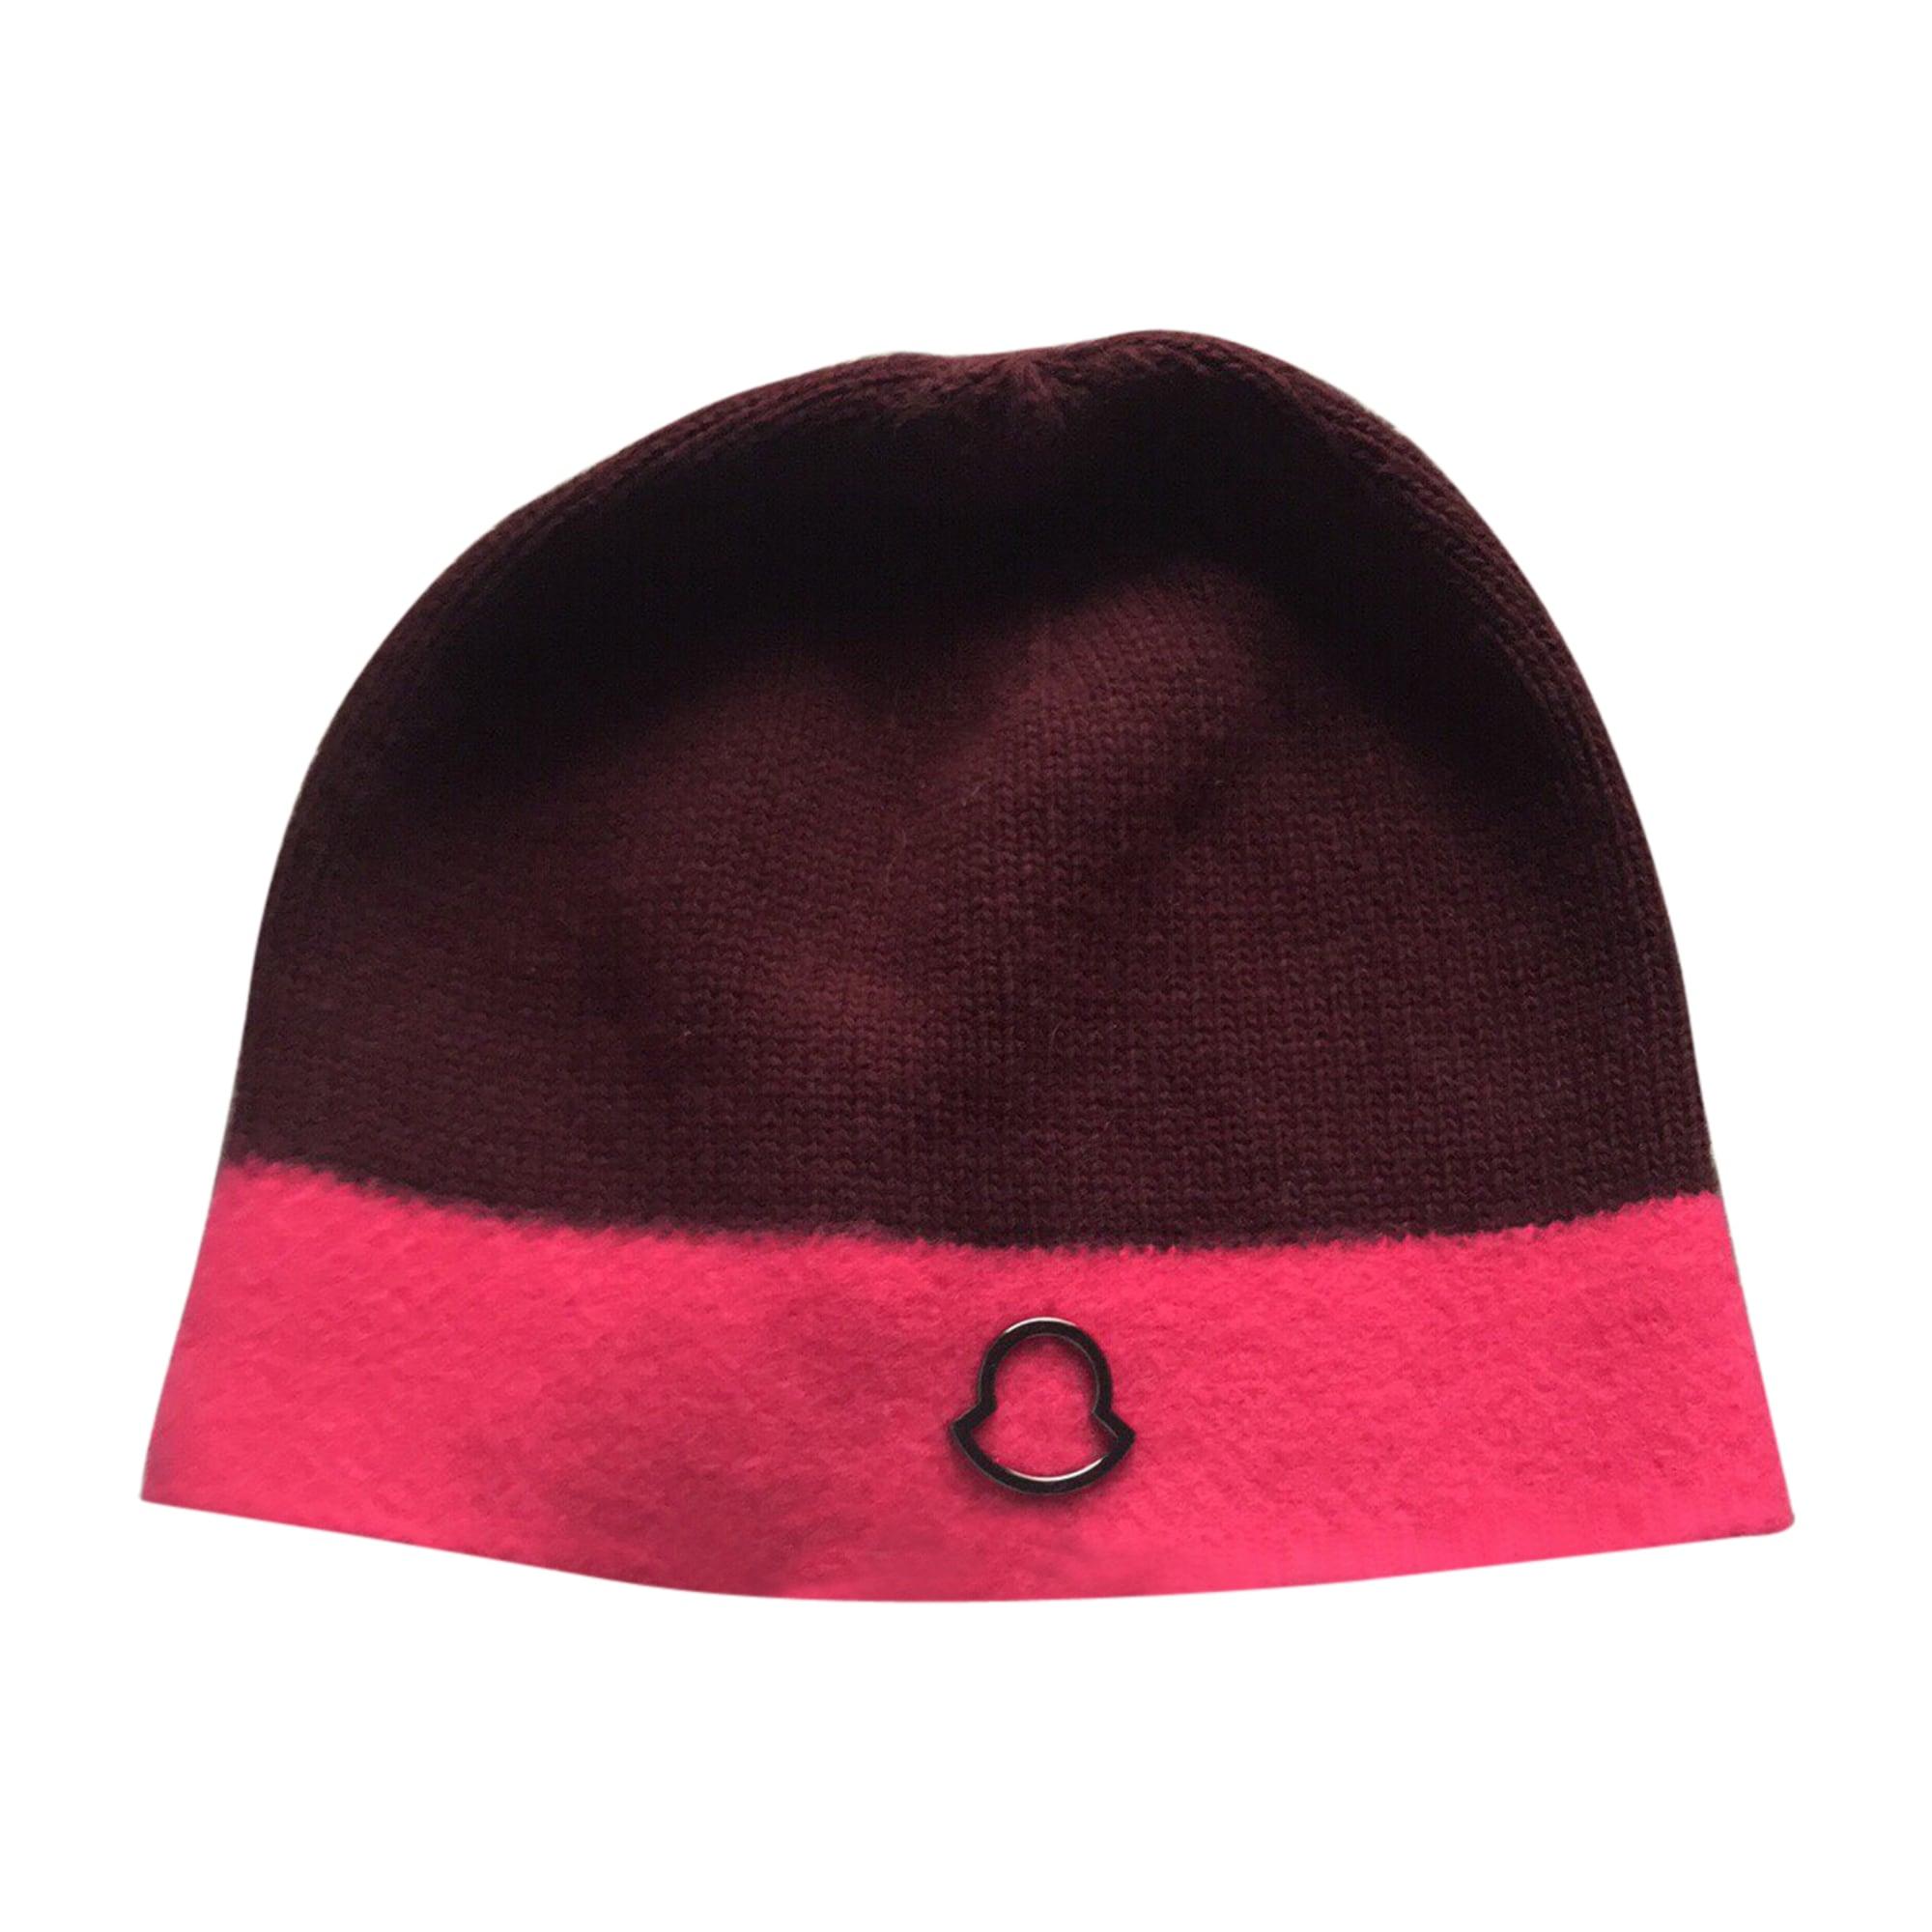 666b0963bd9f Bonnet MONCLER Taille unique rouge - 6805045